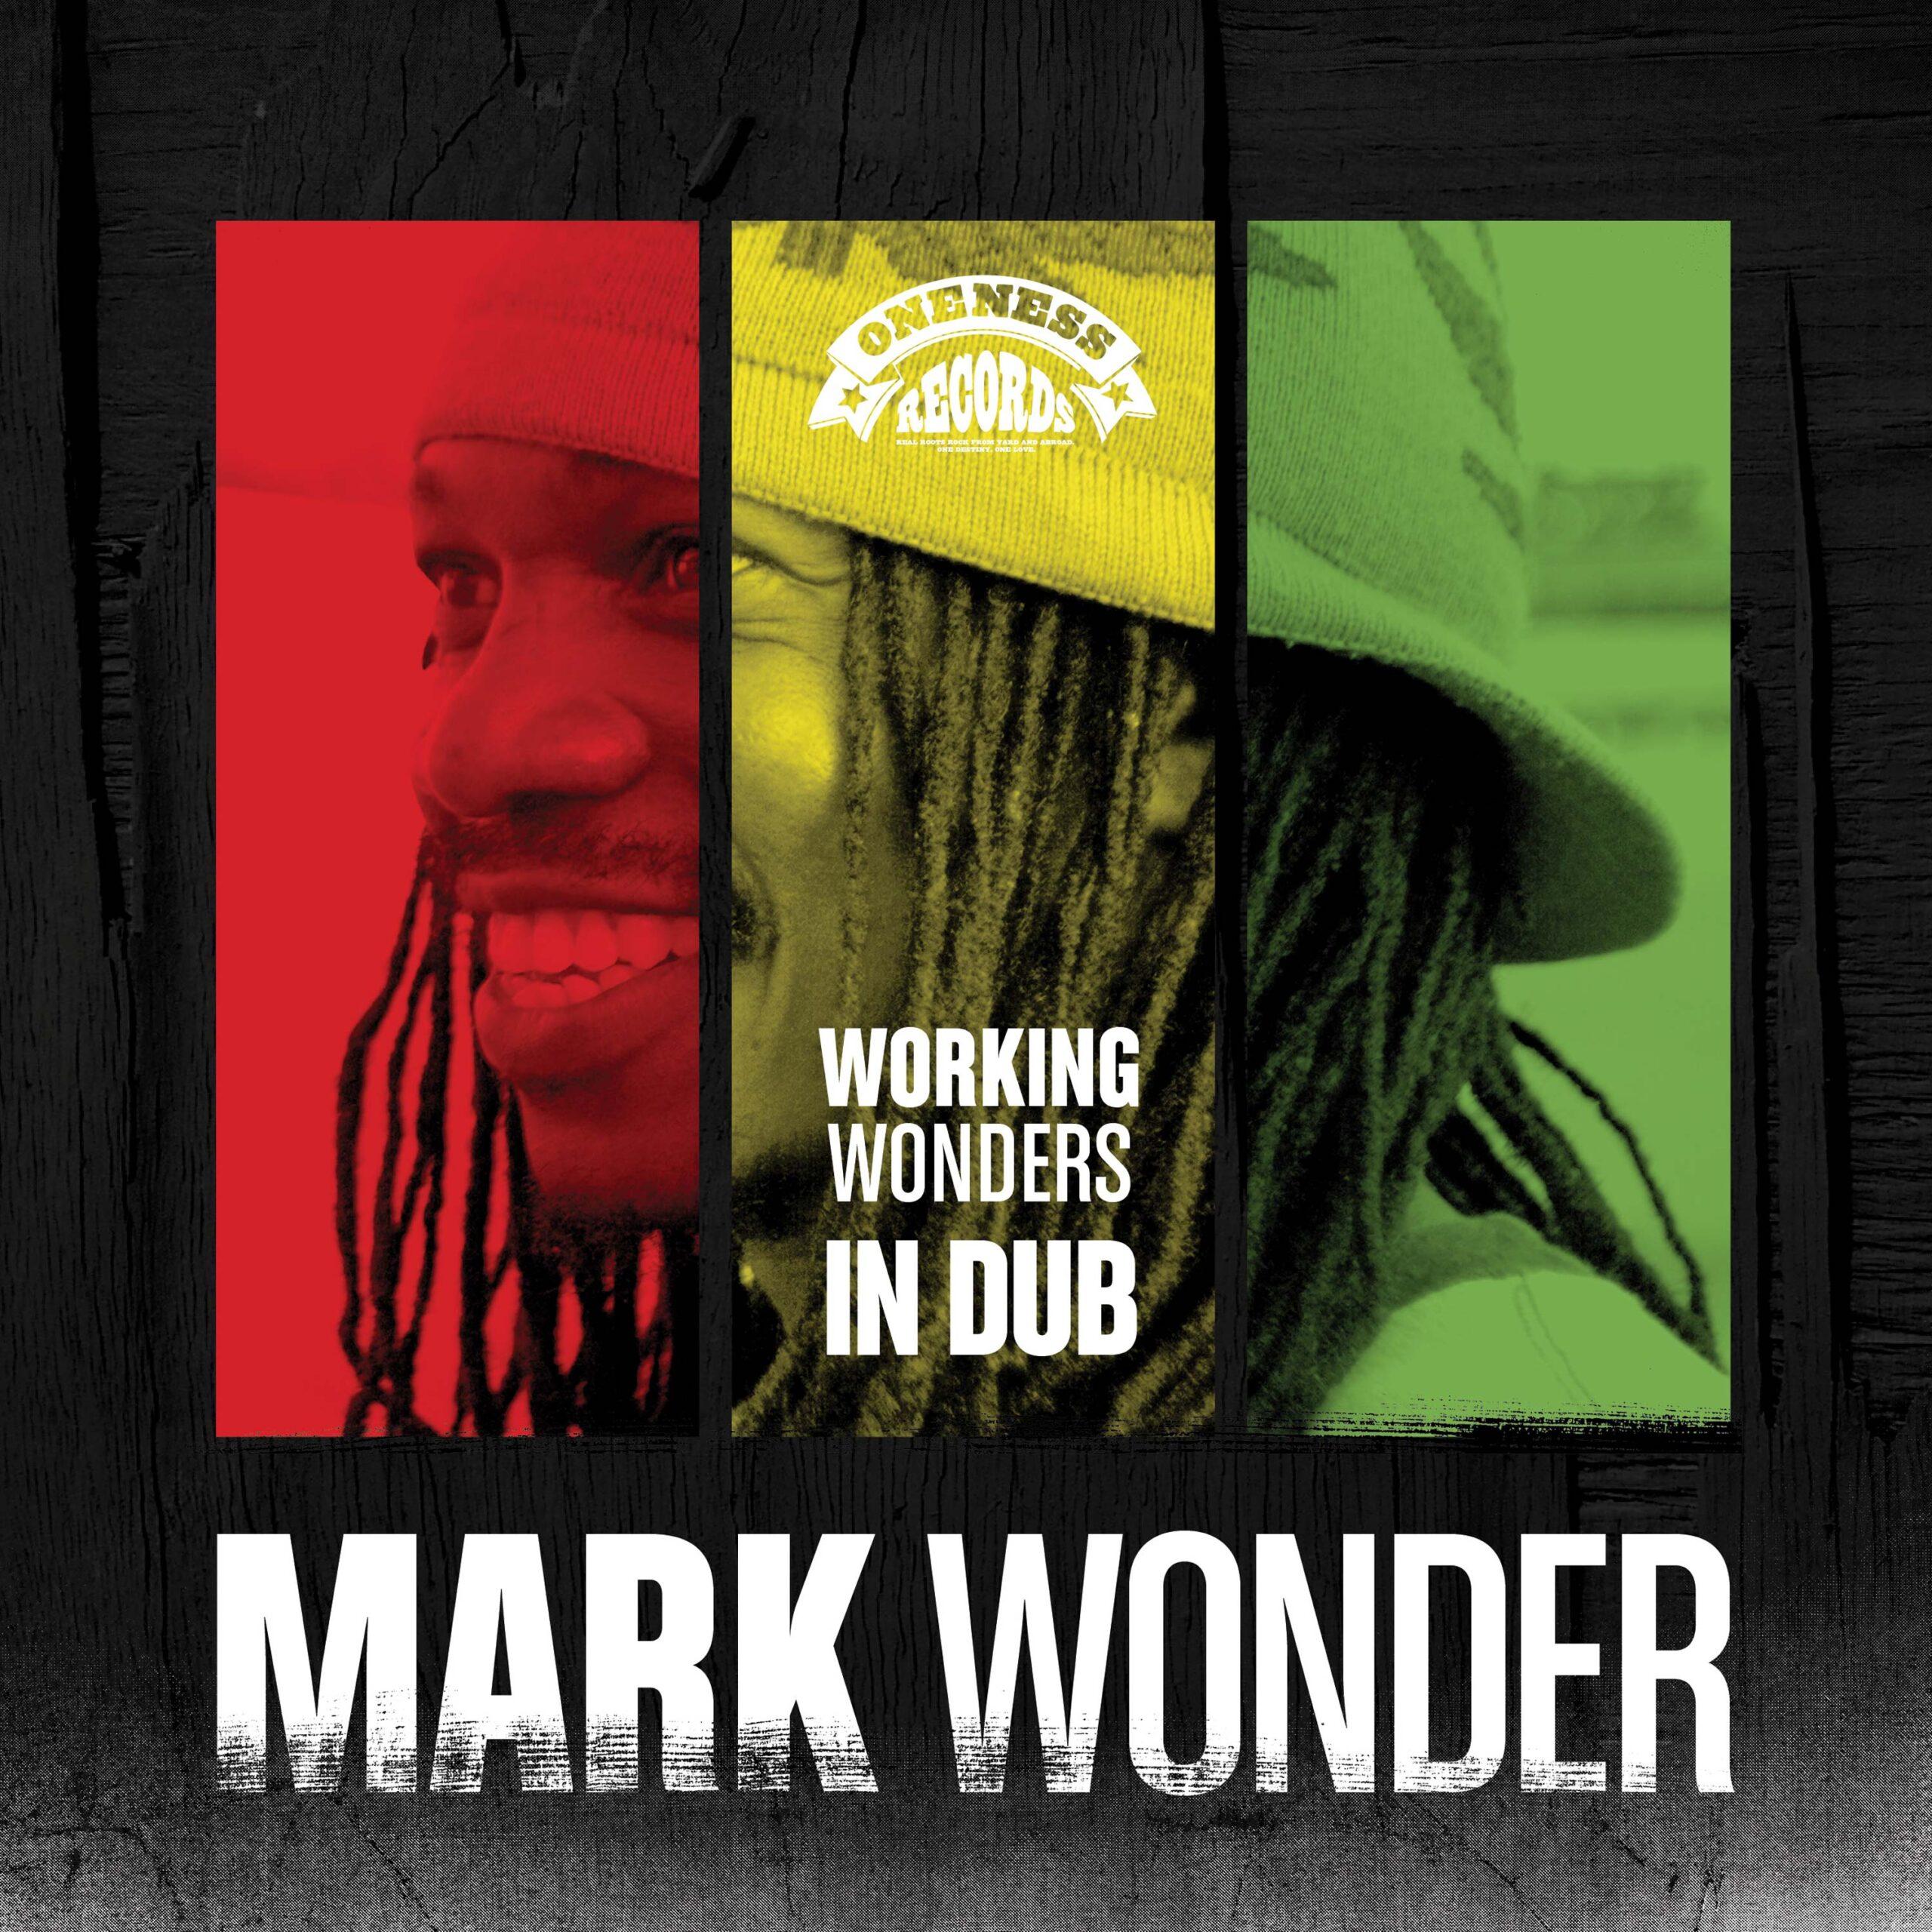 Mark Wonder Working Wonder in Dub